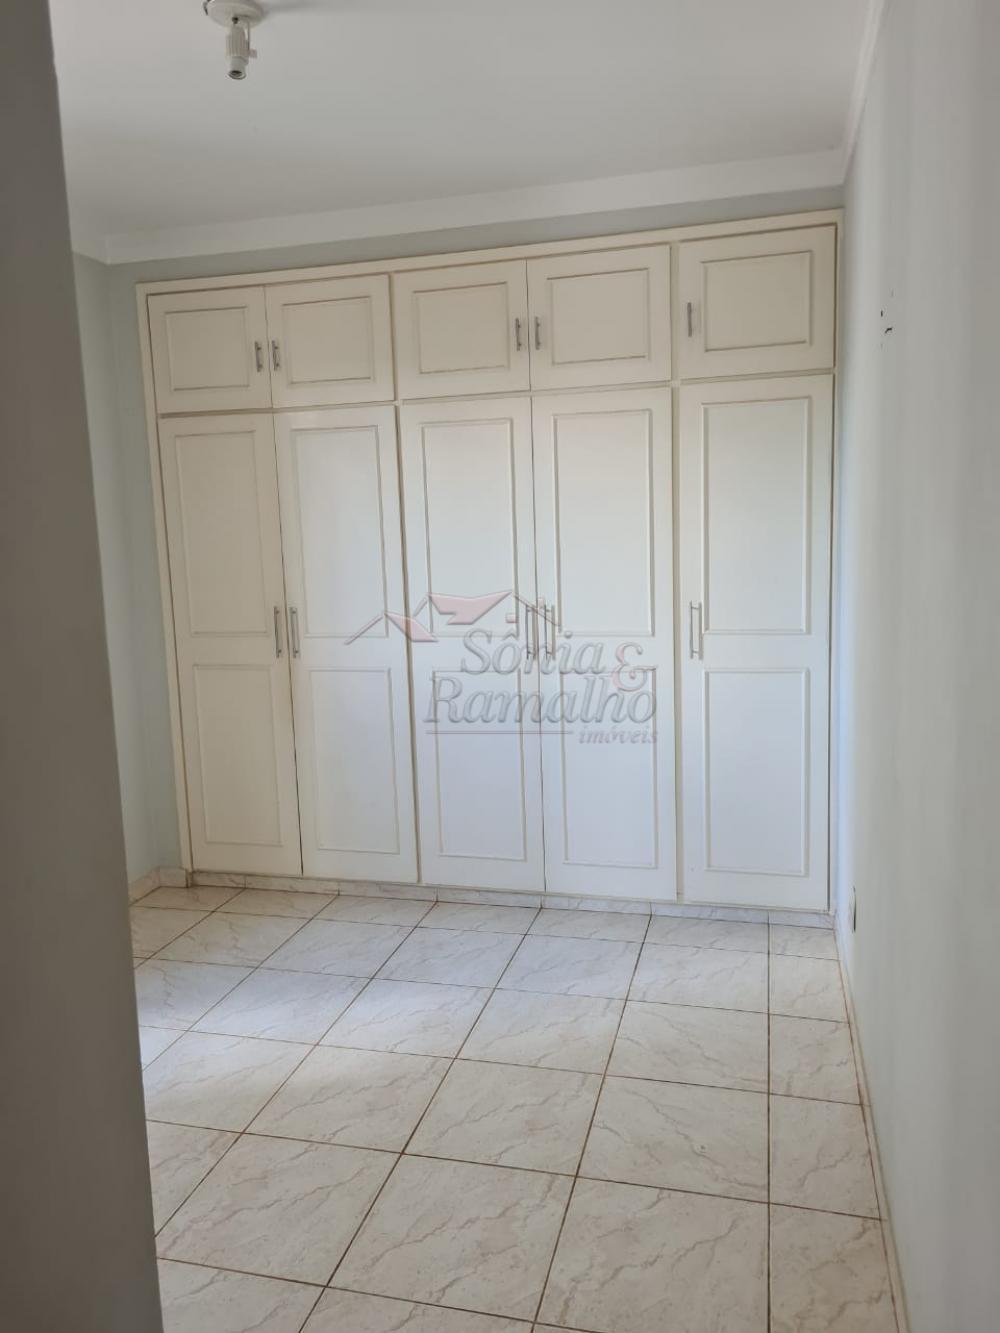 Comprar Apartamentos / Padrão em Ribeirão Preto apenas R$ 375.000,00 - Foto 12